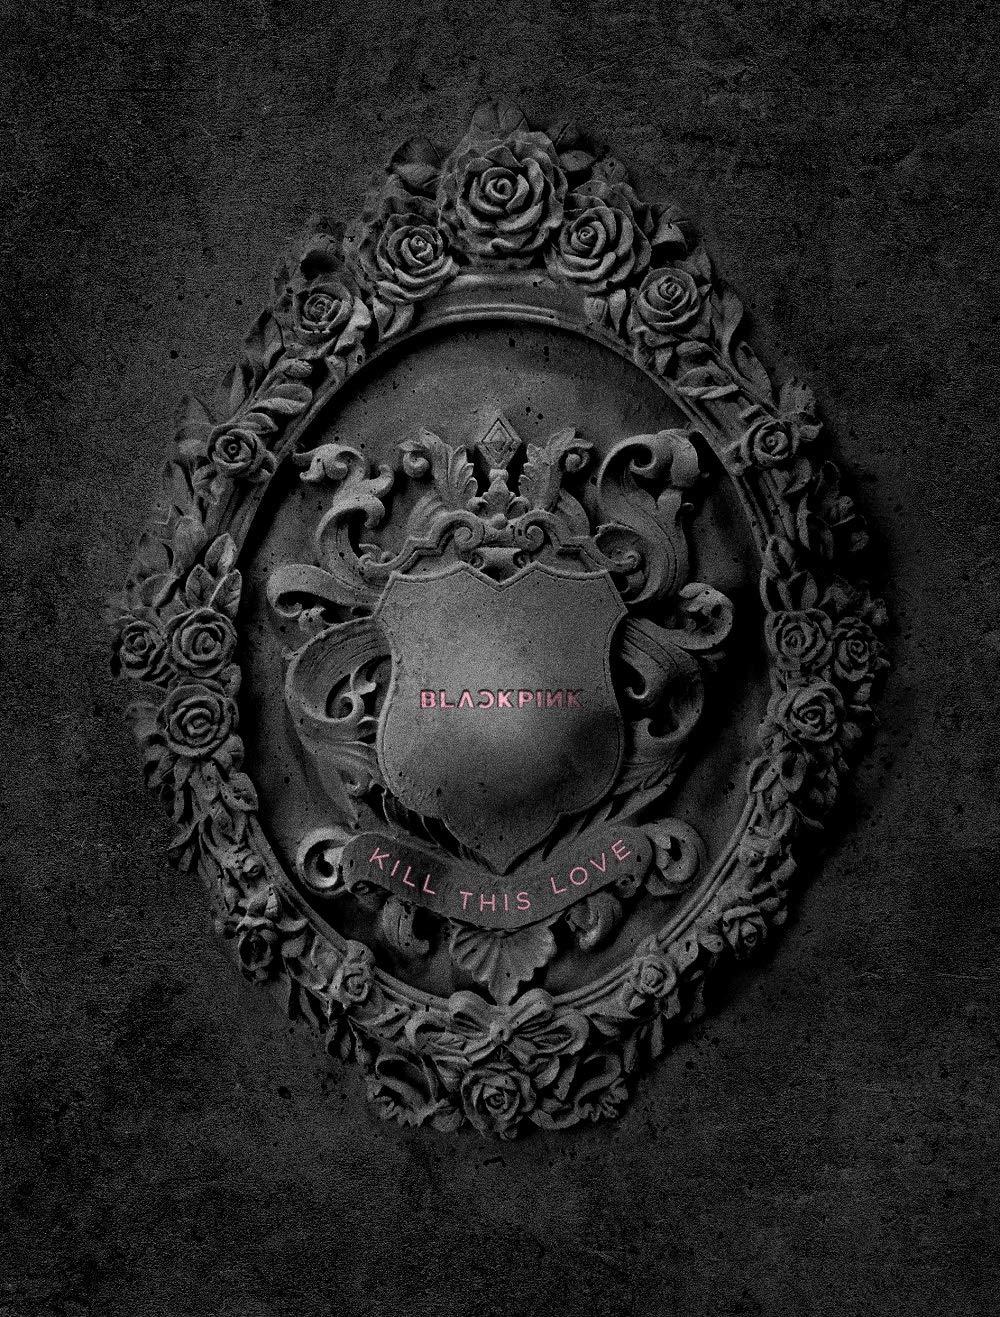 YG ブラックピンク - Kill This Love [ブラックバー] (第2のミニアルバム) CD + 52p フォトブック + ライリックスブック + 4フォトカード + ポラロイドフォトカード + ステッカーセット + オンパックポスター + 折りたたみポスター + 両面エクストラフォトカードセット   B07QC67VNM